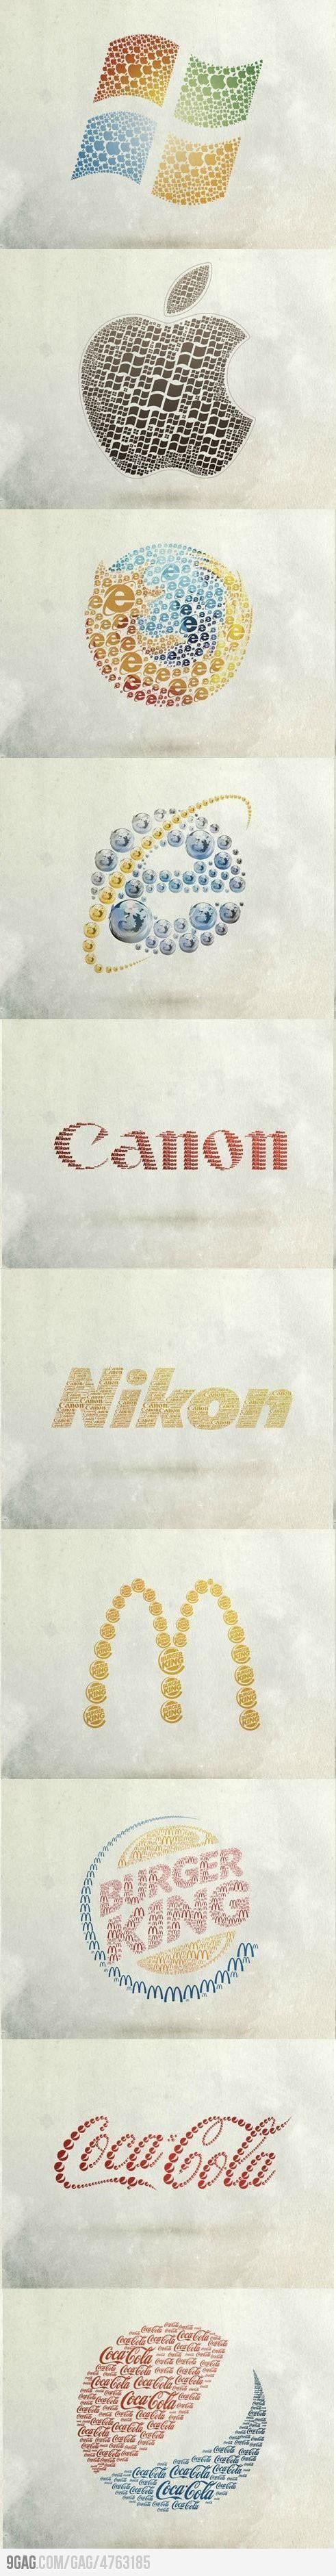 Opposite Logos